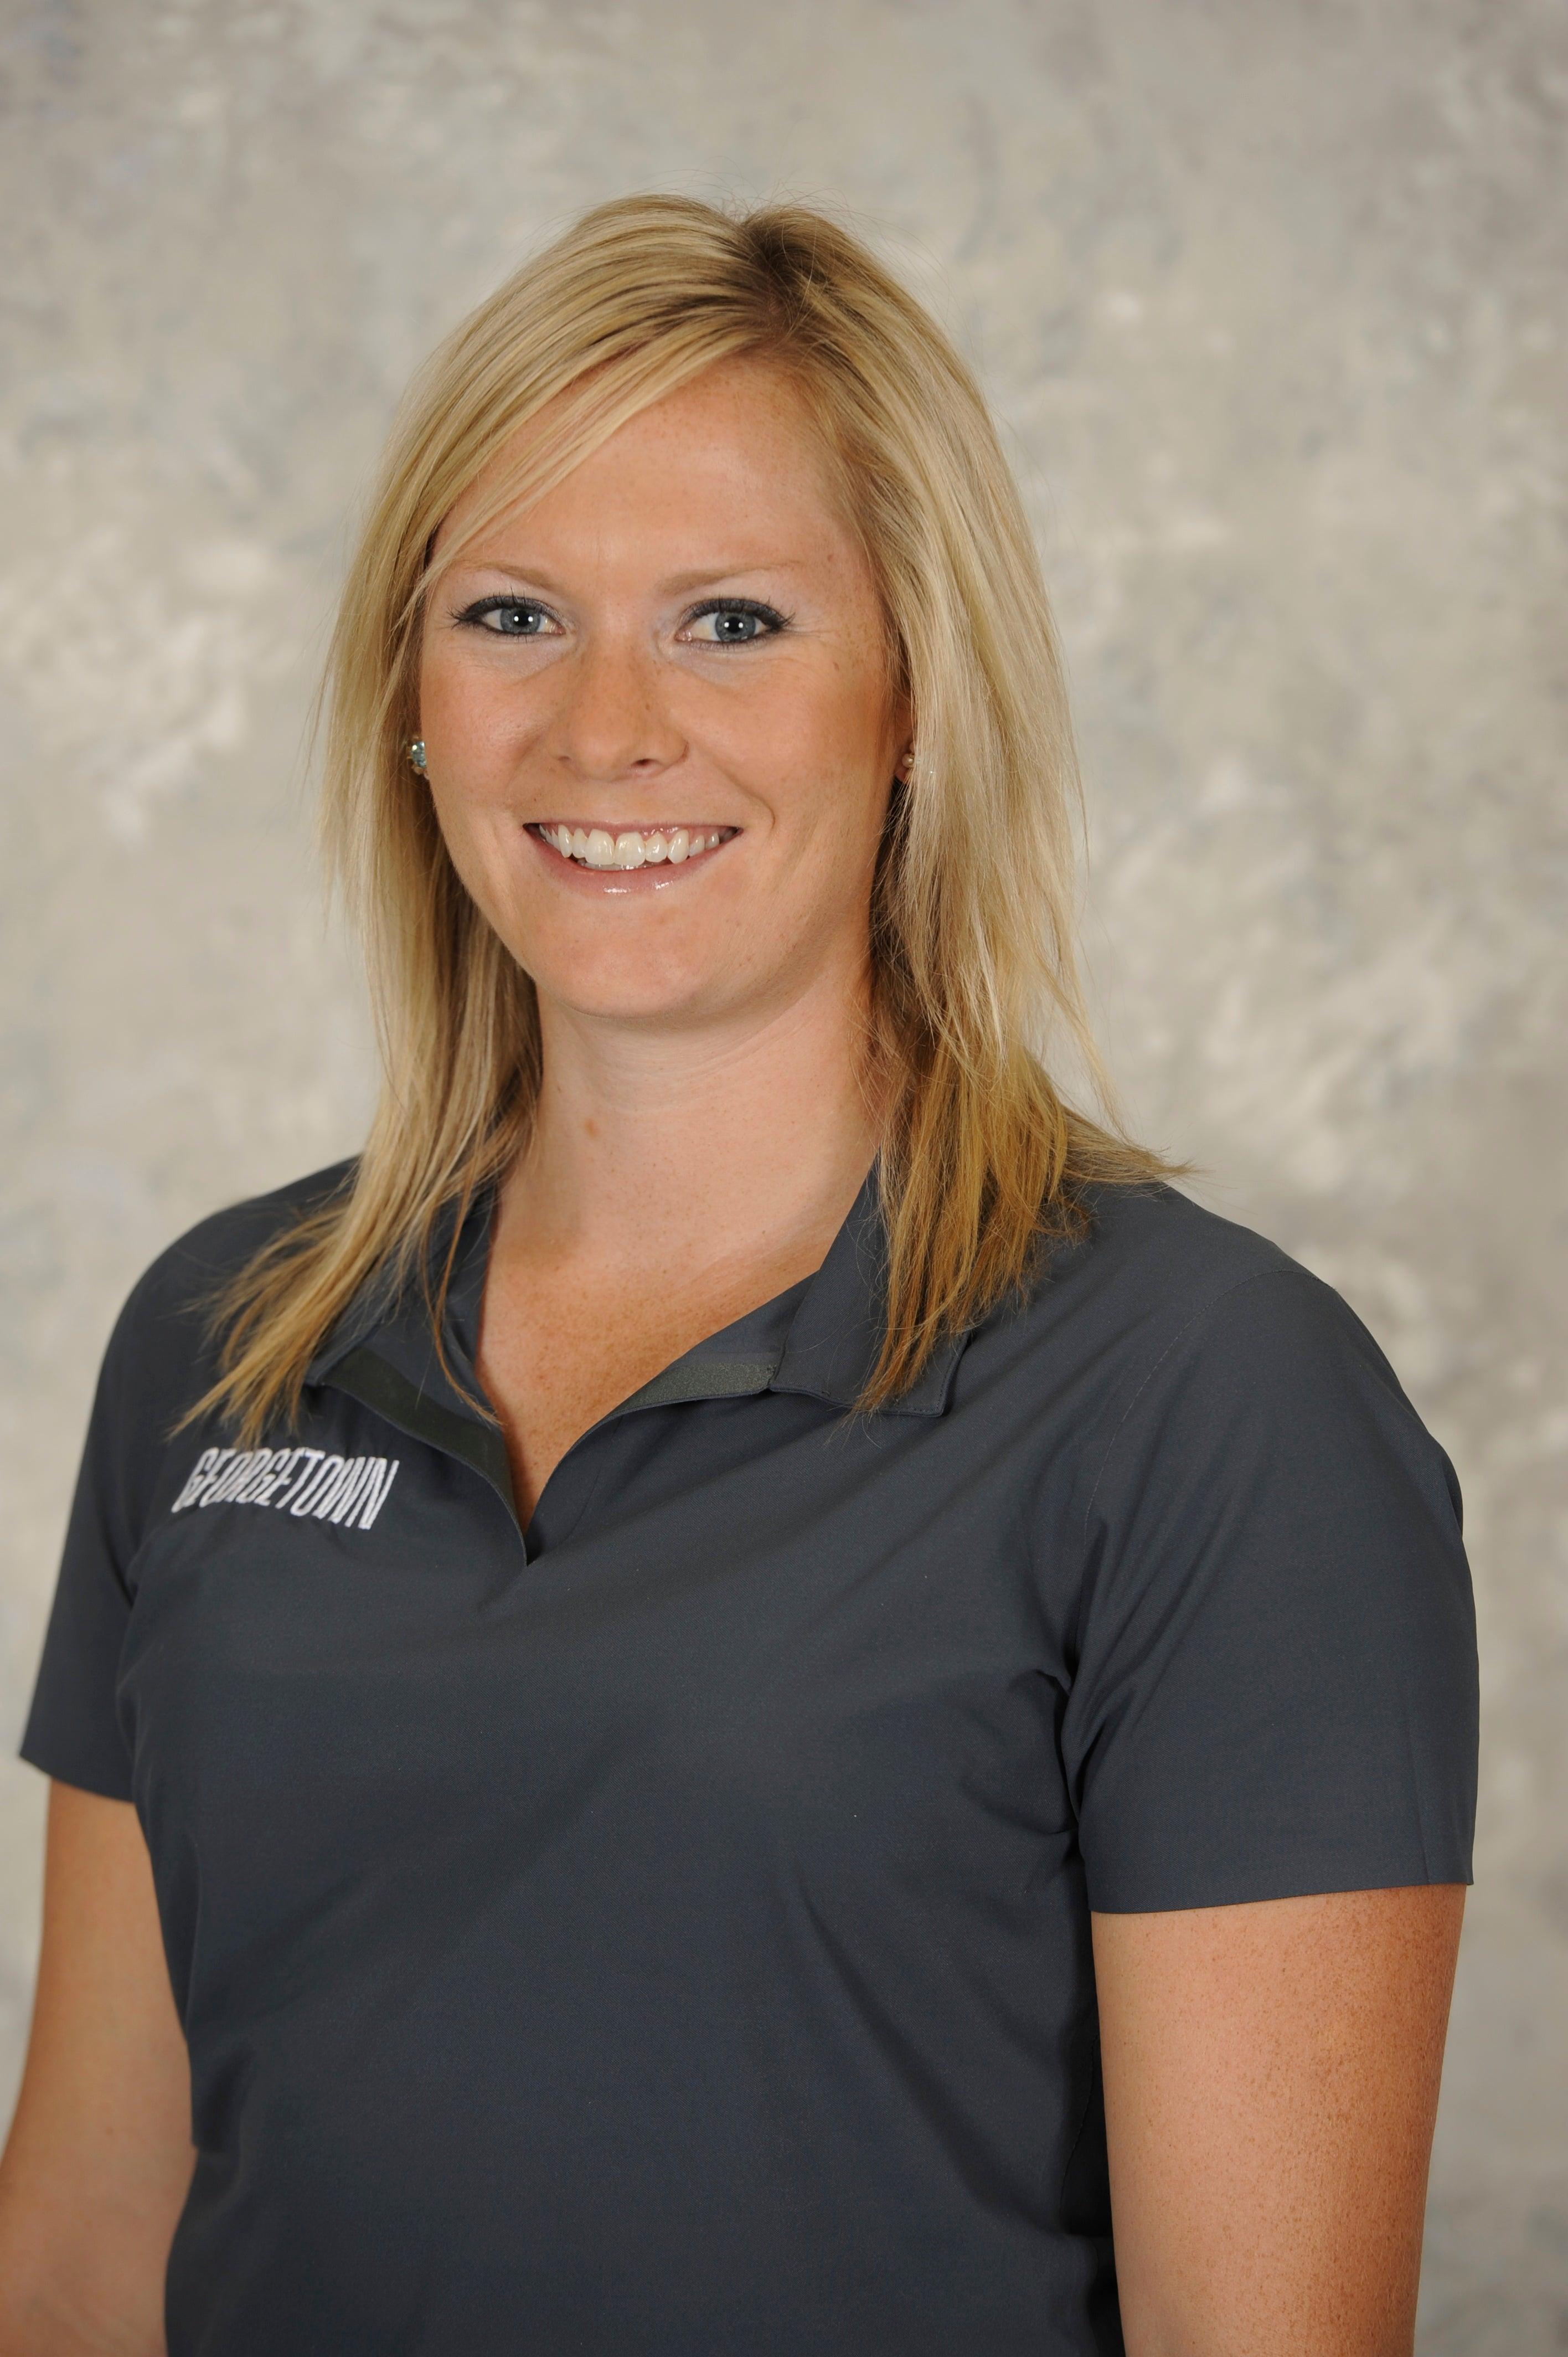 Katie Brophy